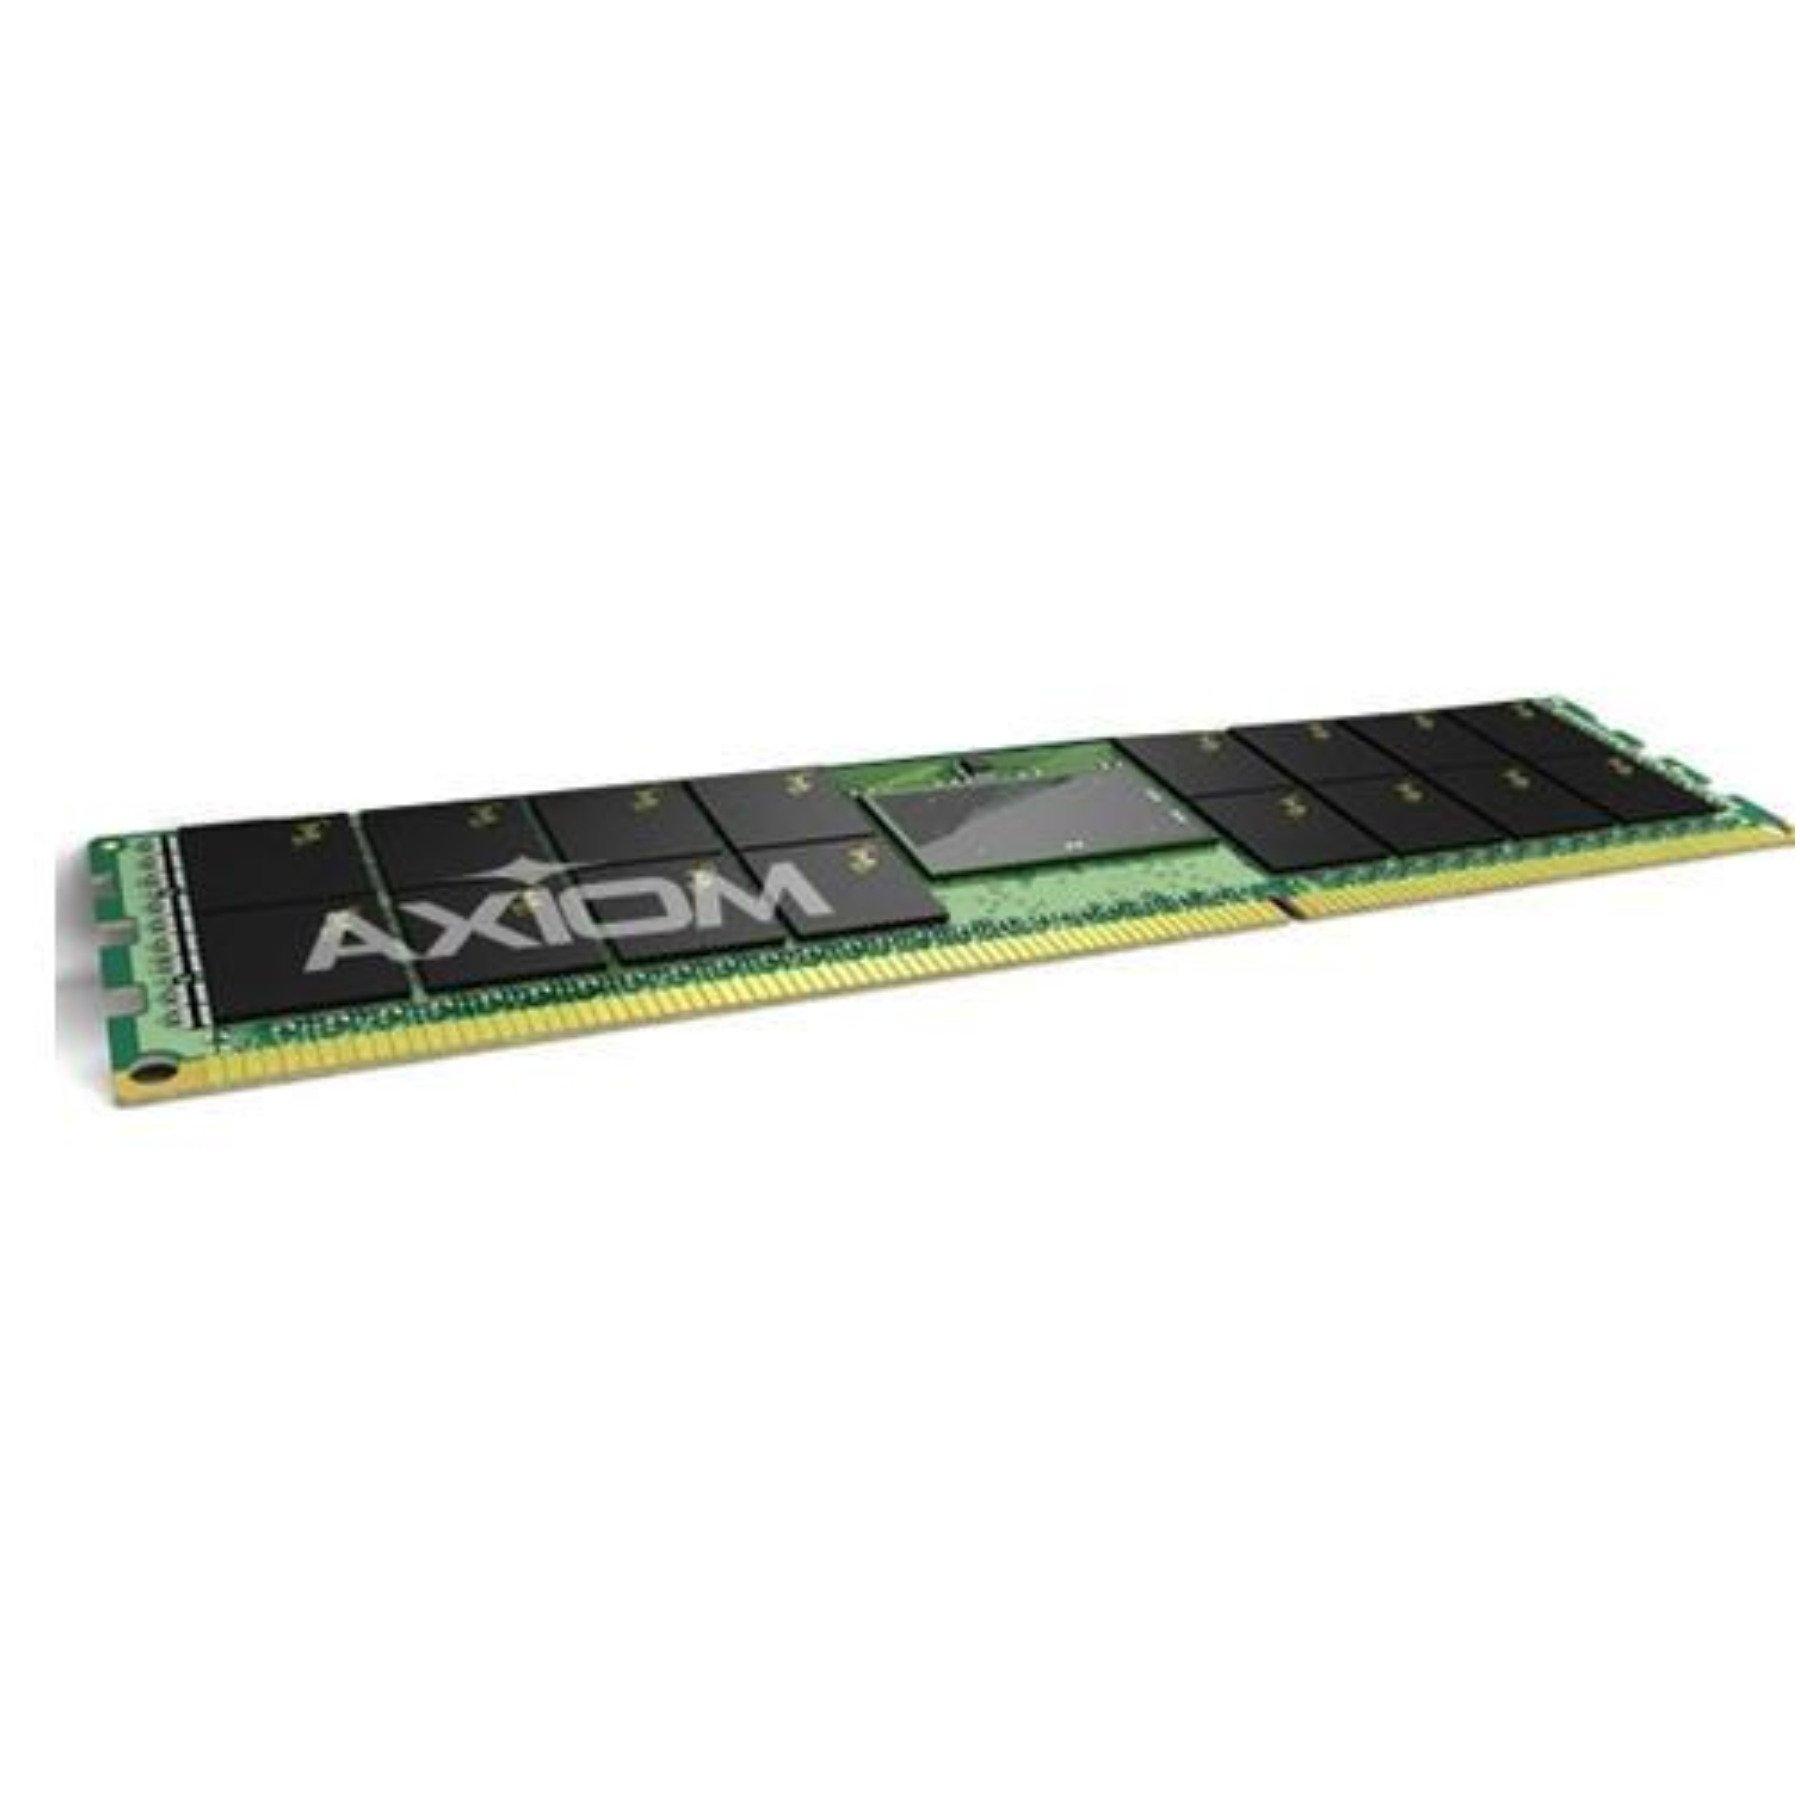 AXIOM 46W0761-AXA - IBM SUPPORTED 32GB MODULE